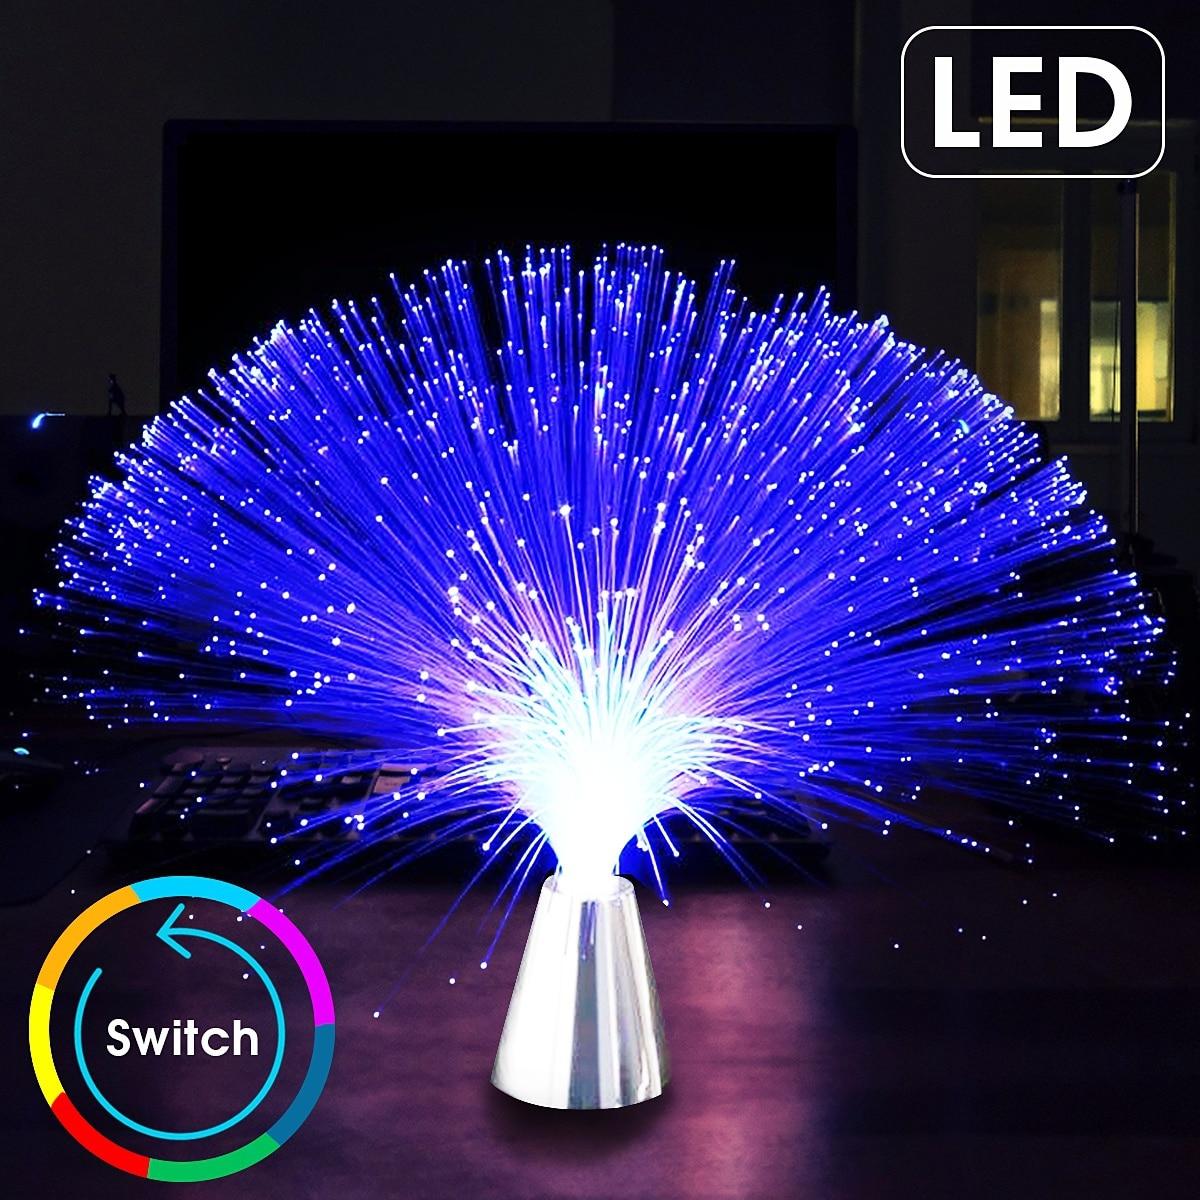 متعدد الألوان LED الألياف البصرية ضوء مصباح عطلة عيد الميلاد لوازم ديكورات زفاف للمنزل